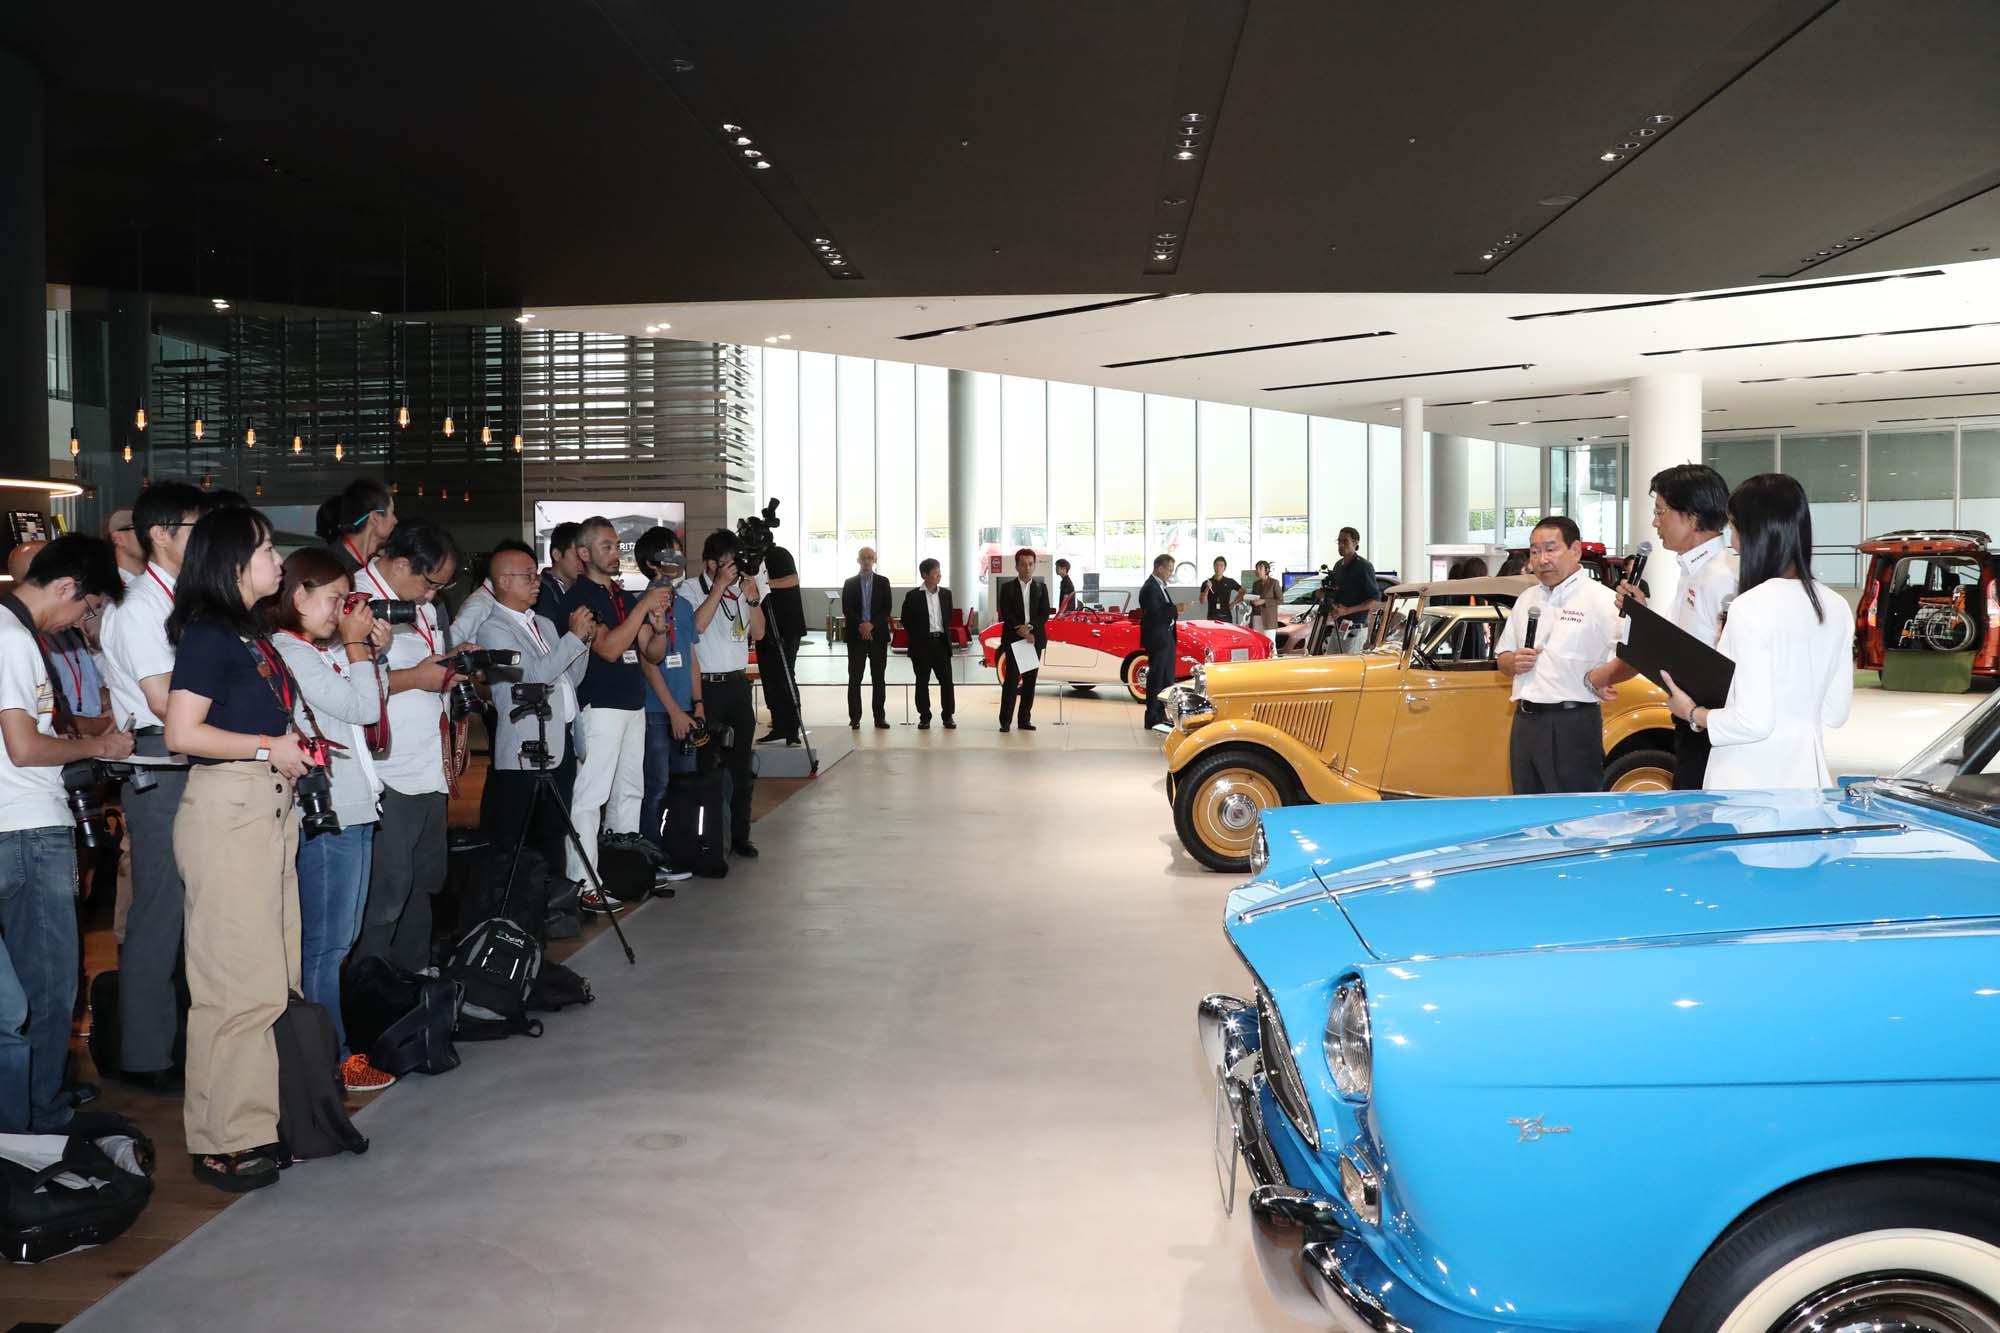 Μια έκθεση της Nissan στην Ιαπωνία διαφορετική από τις άλλες